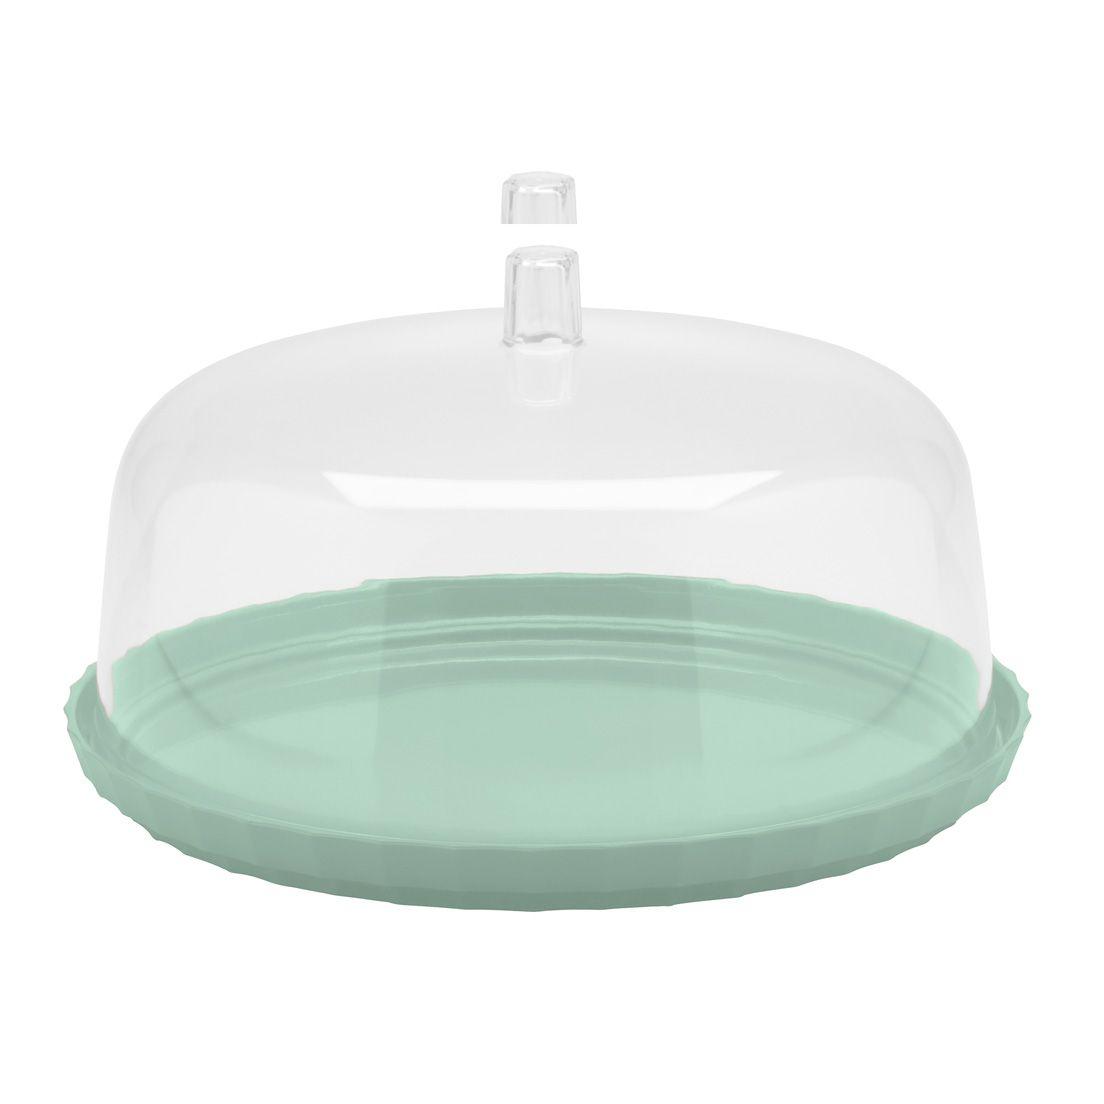 Boleira com Prato e Cúpula de Plástico Verde Menta 25Cm - 2 Peças